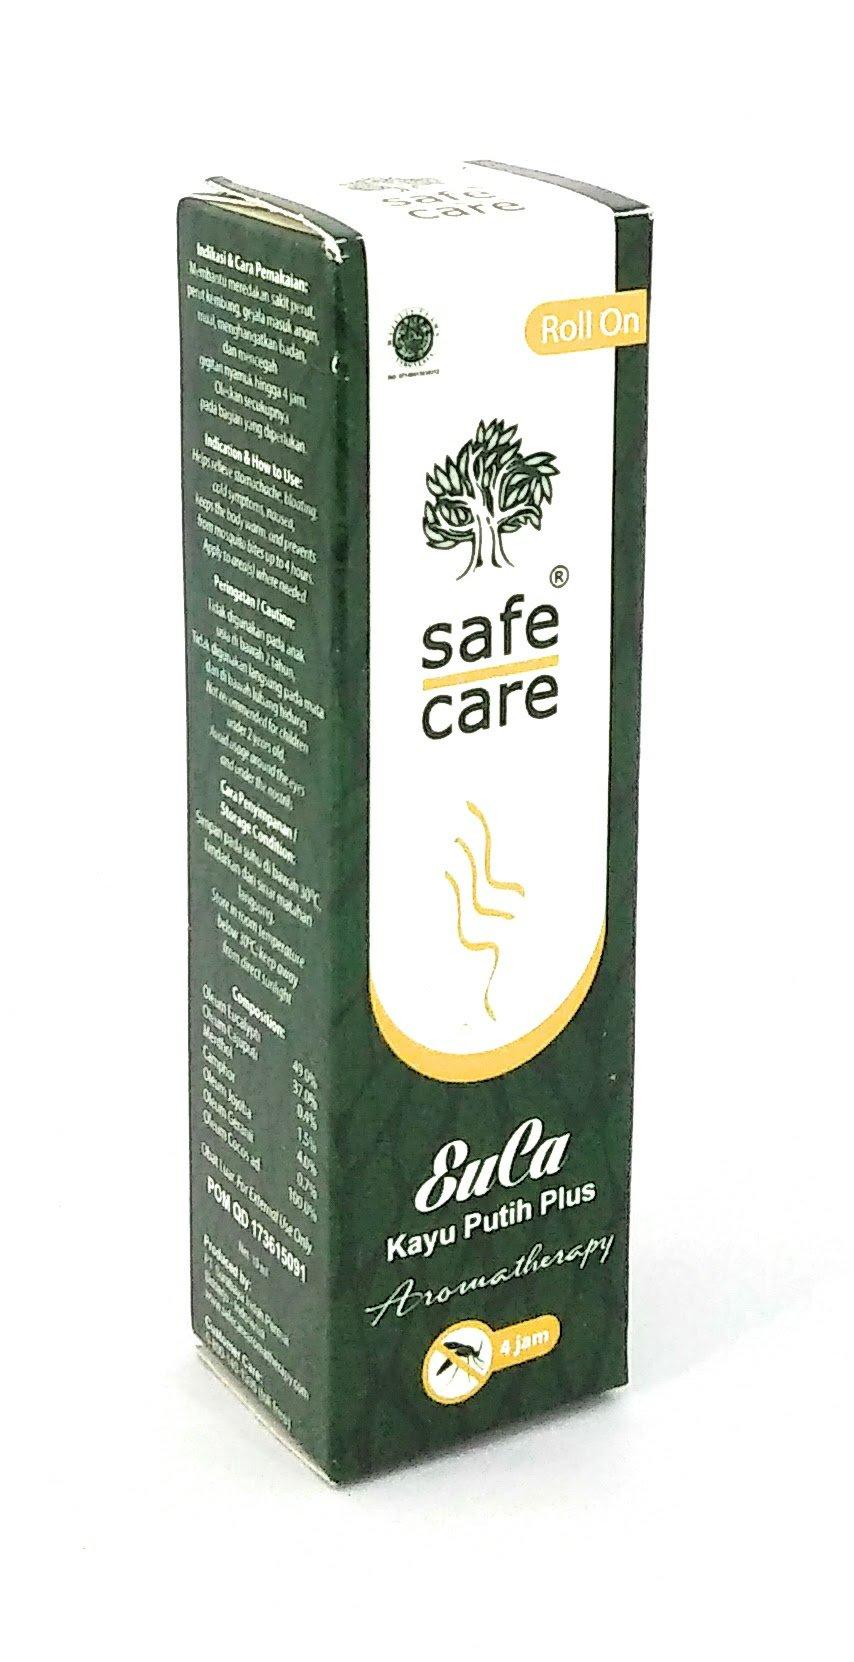 Cajaput Oil Minyak Kayu Putih 120 Ml Health Cap Lang Angin 10 Safe Care Euca Roll On Eucalyptus Cajuput